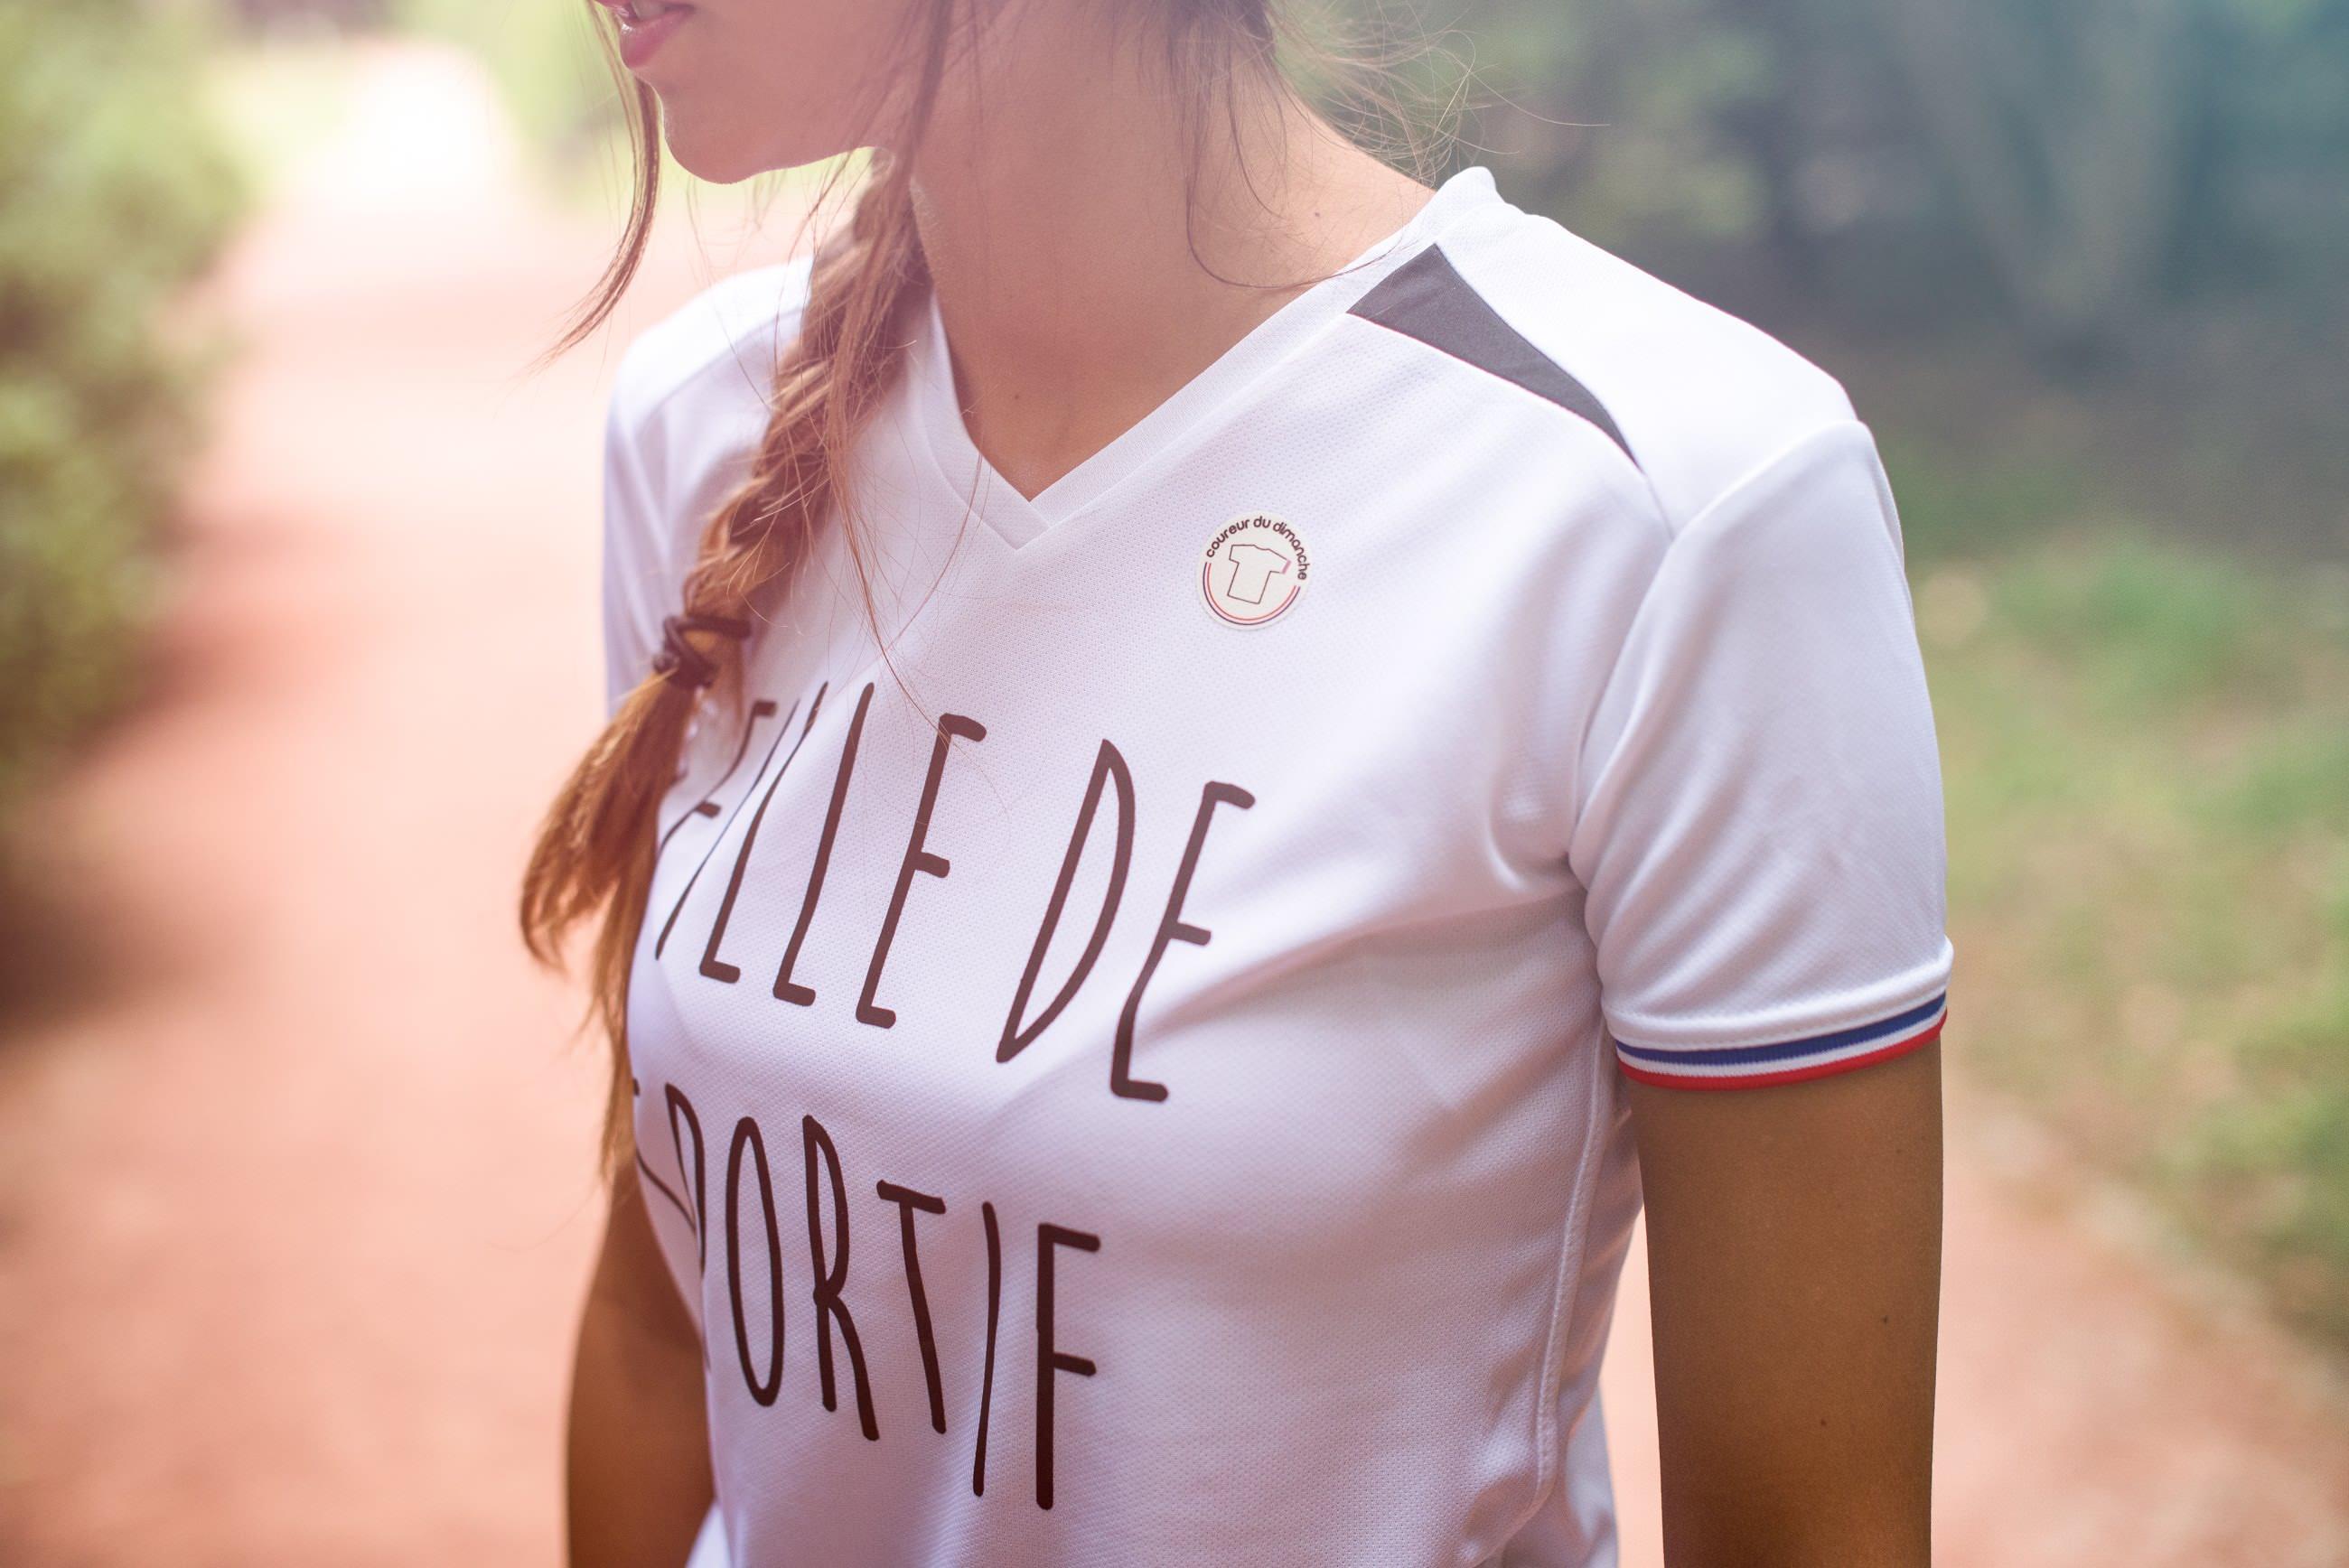 Coureur du Dimanche-running-marque-sport-france-francaise-courir-course-mode-tendance-t-shirt-effronté-07